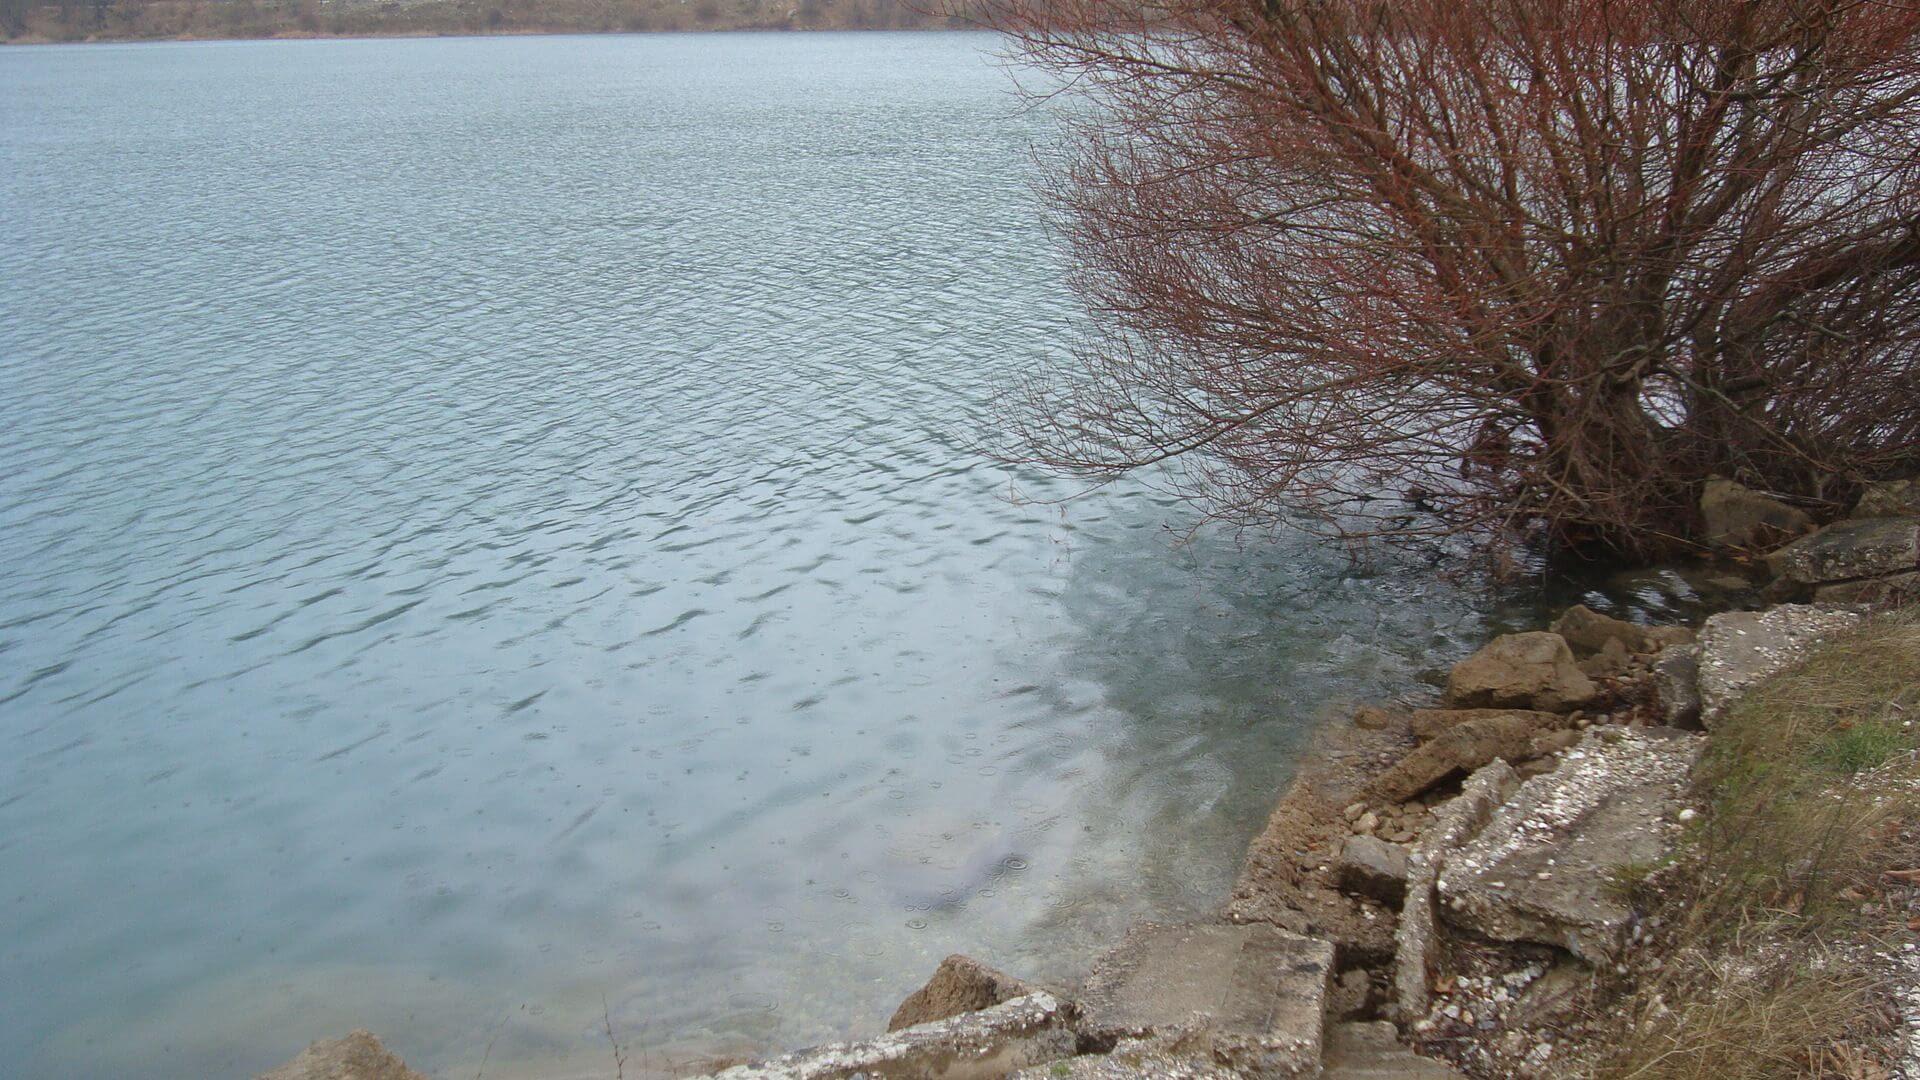 Λίμνη Δόξα2 270-xulokastro-trikala-korinthias-limni-doxa-idaniki-kontini-apodrasi